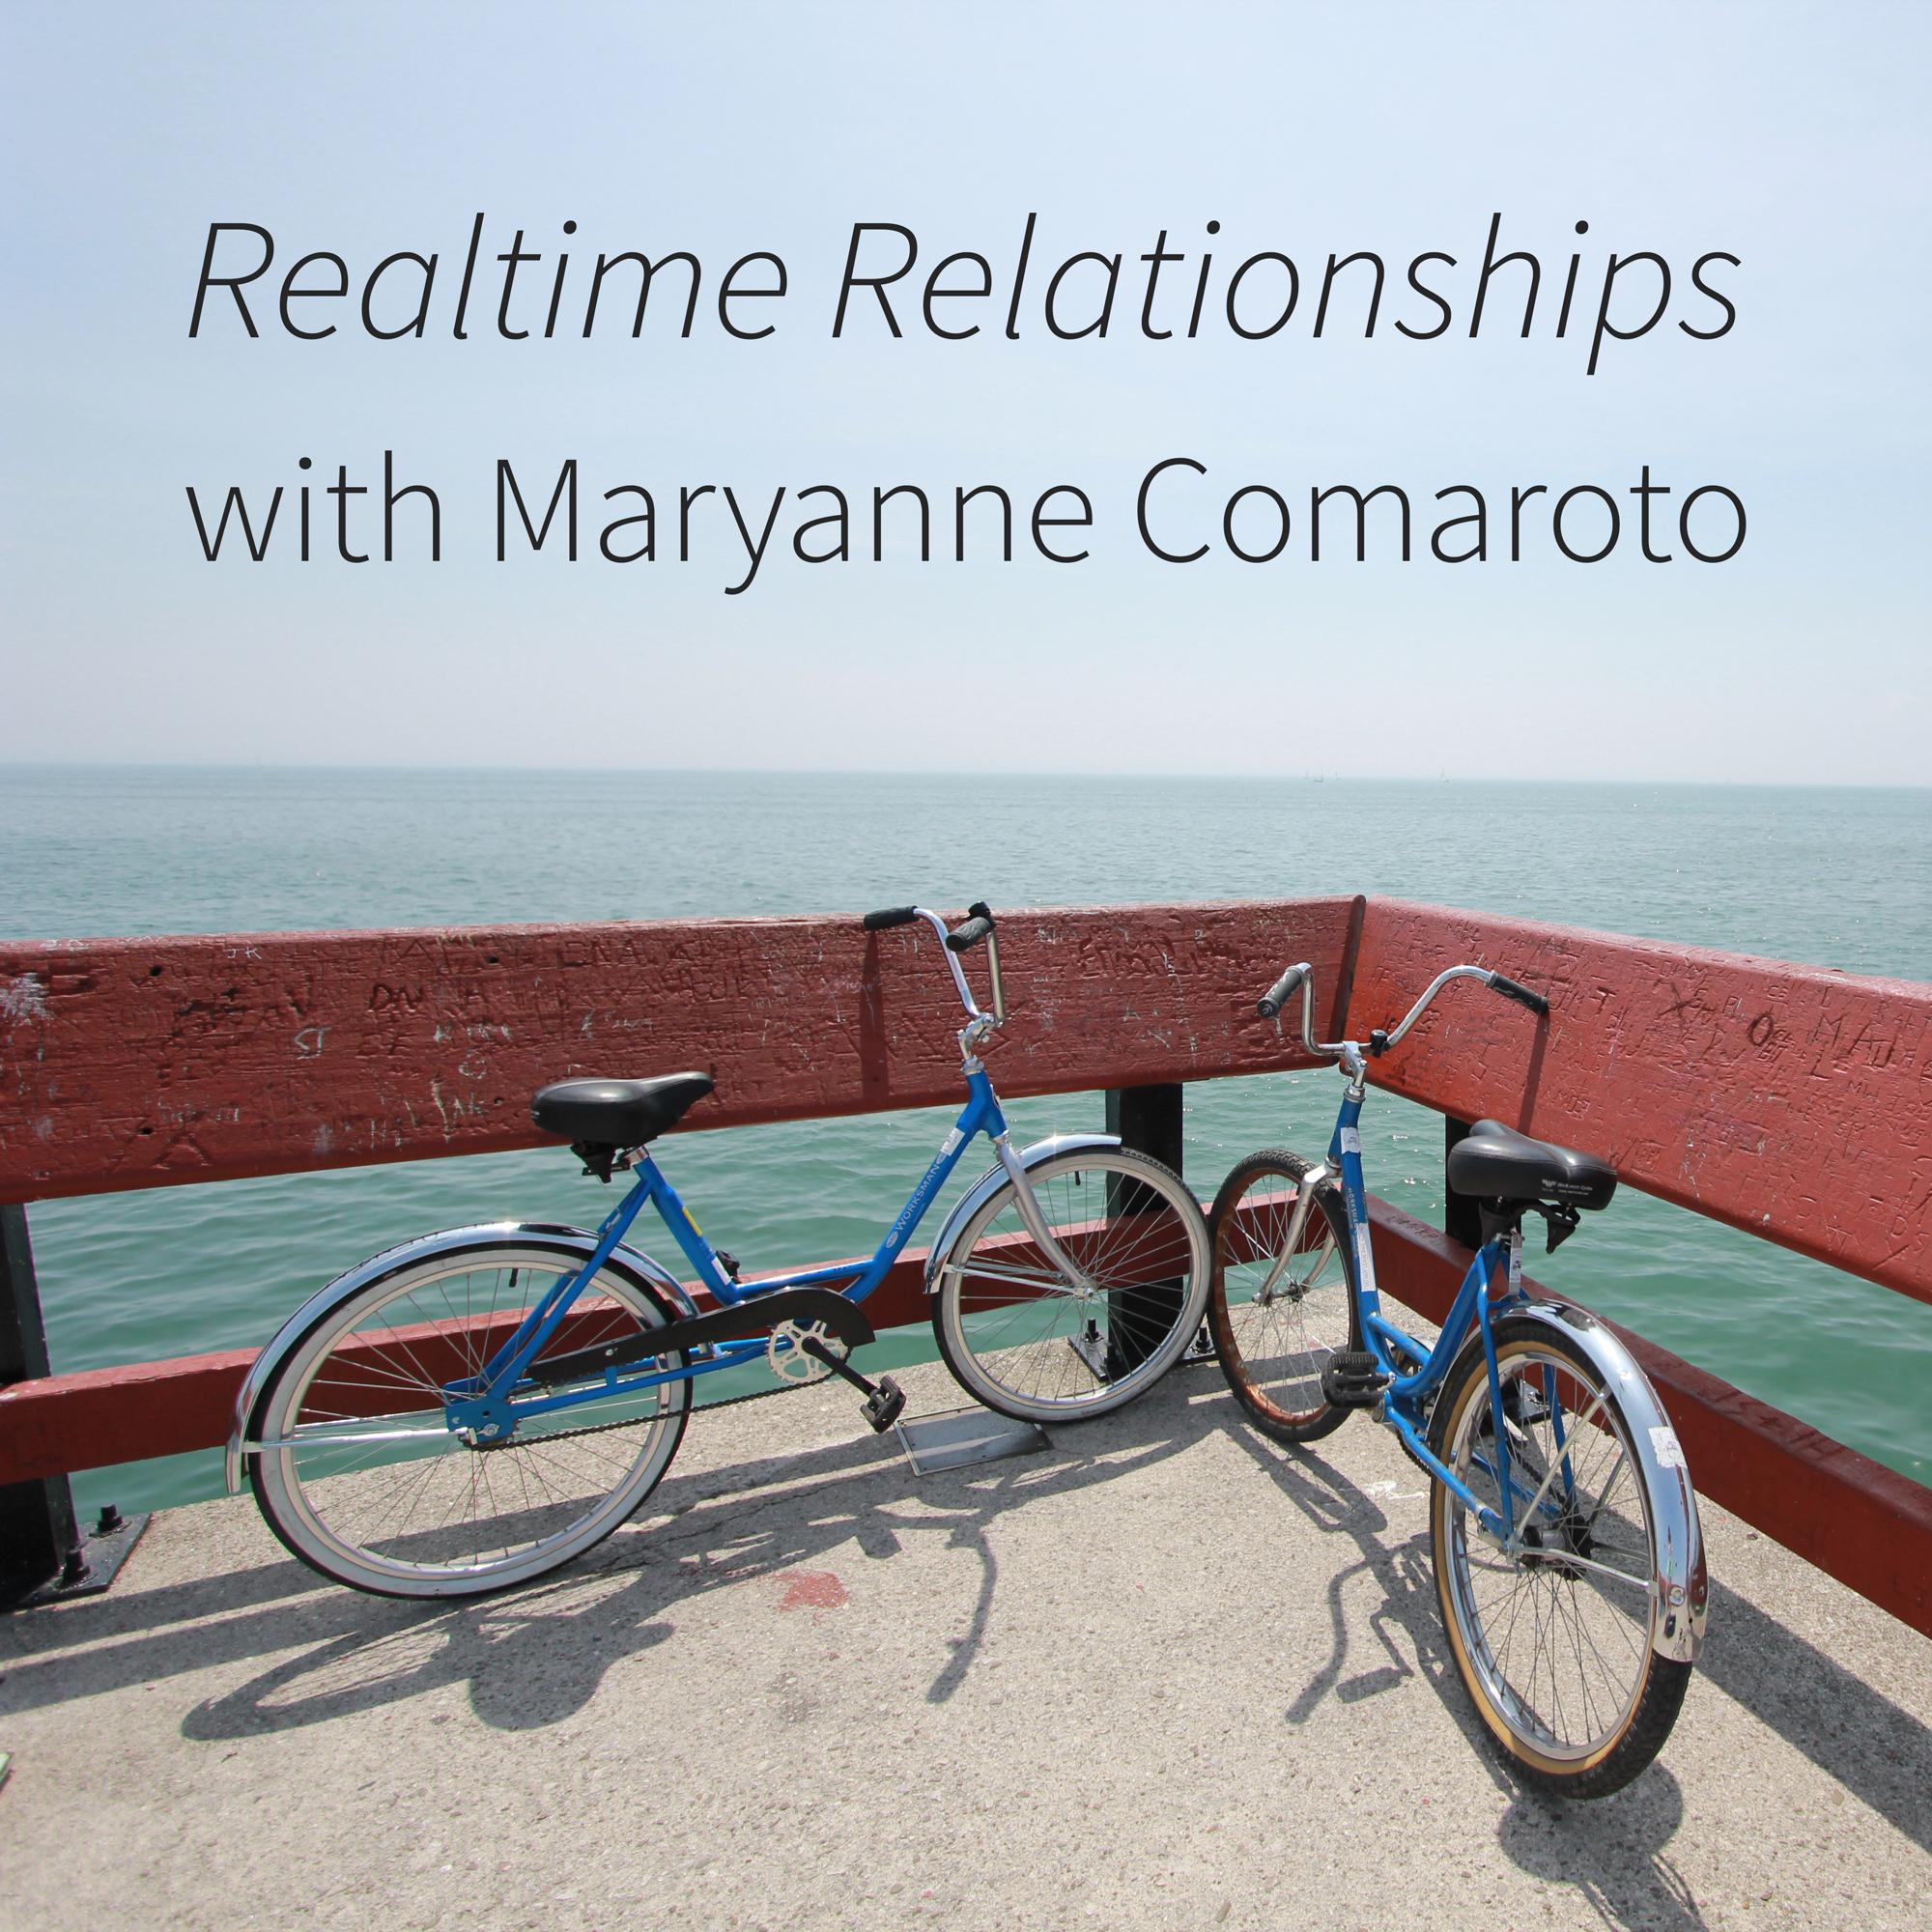 realtime-relationships-cover-art.jpg